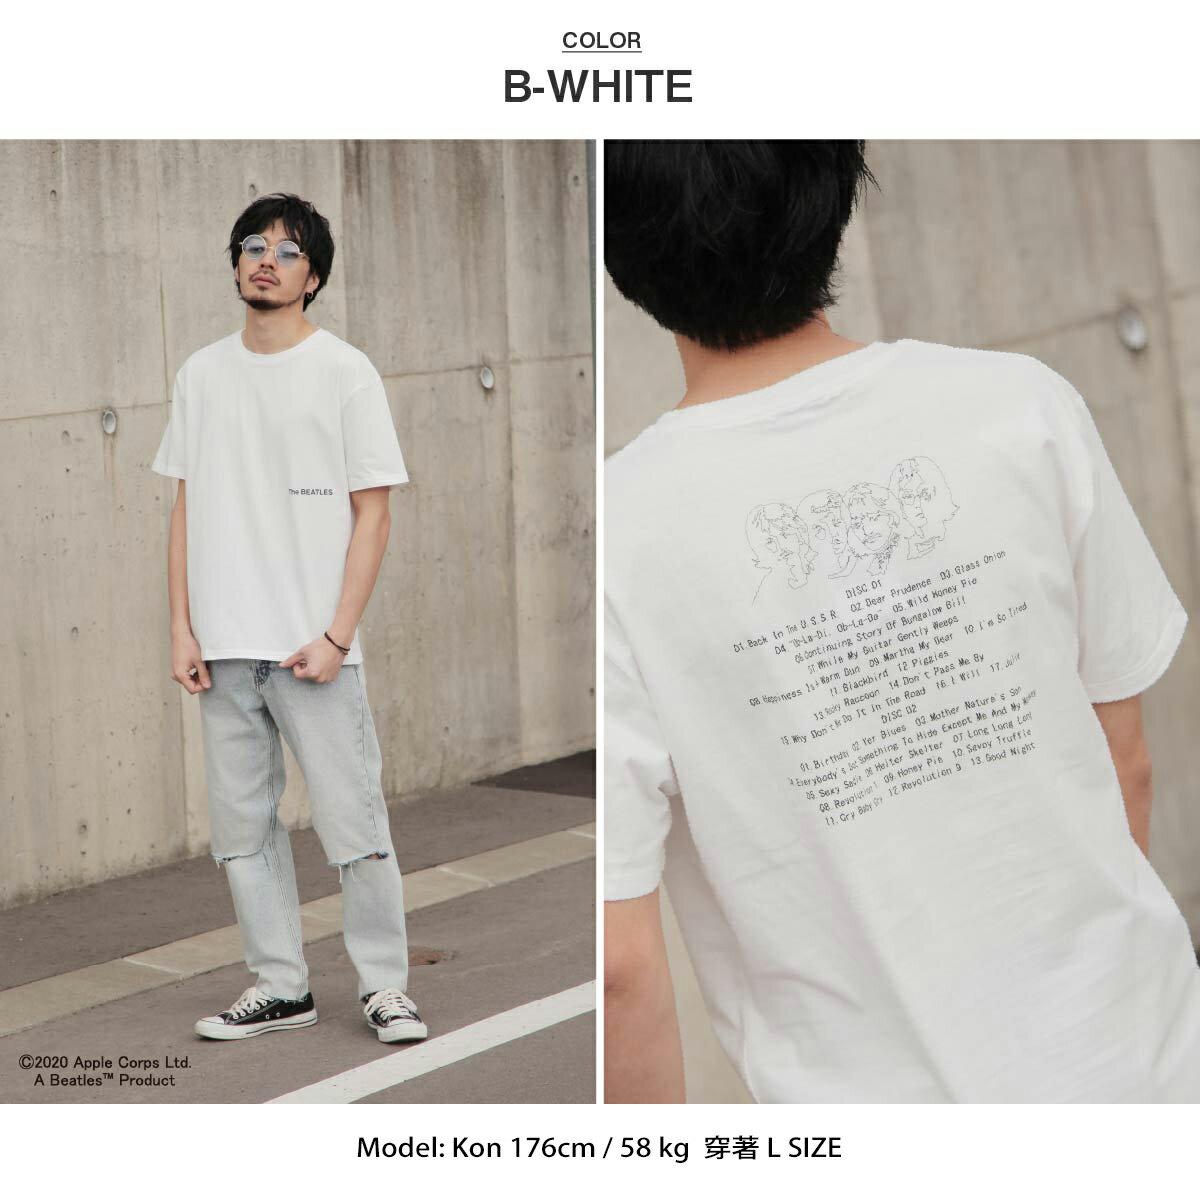 【New】披頭四印刷短袖T恤  Abbey Road 艾比路 披頭四 6